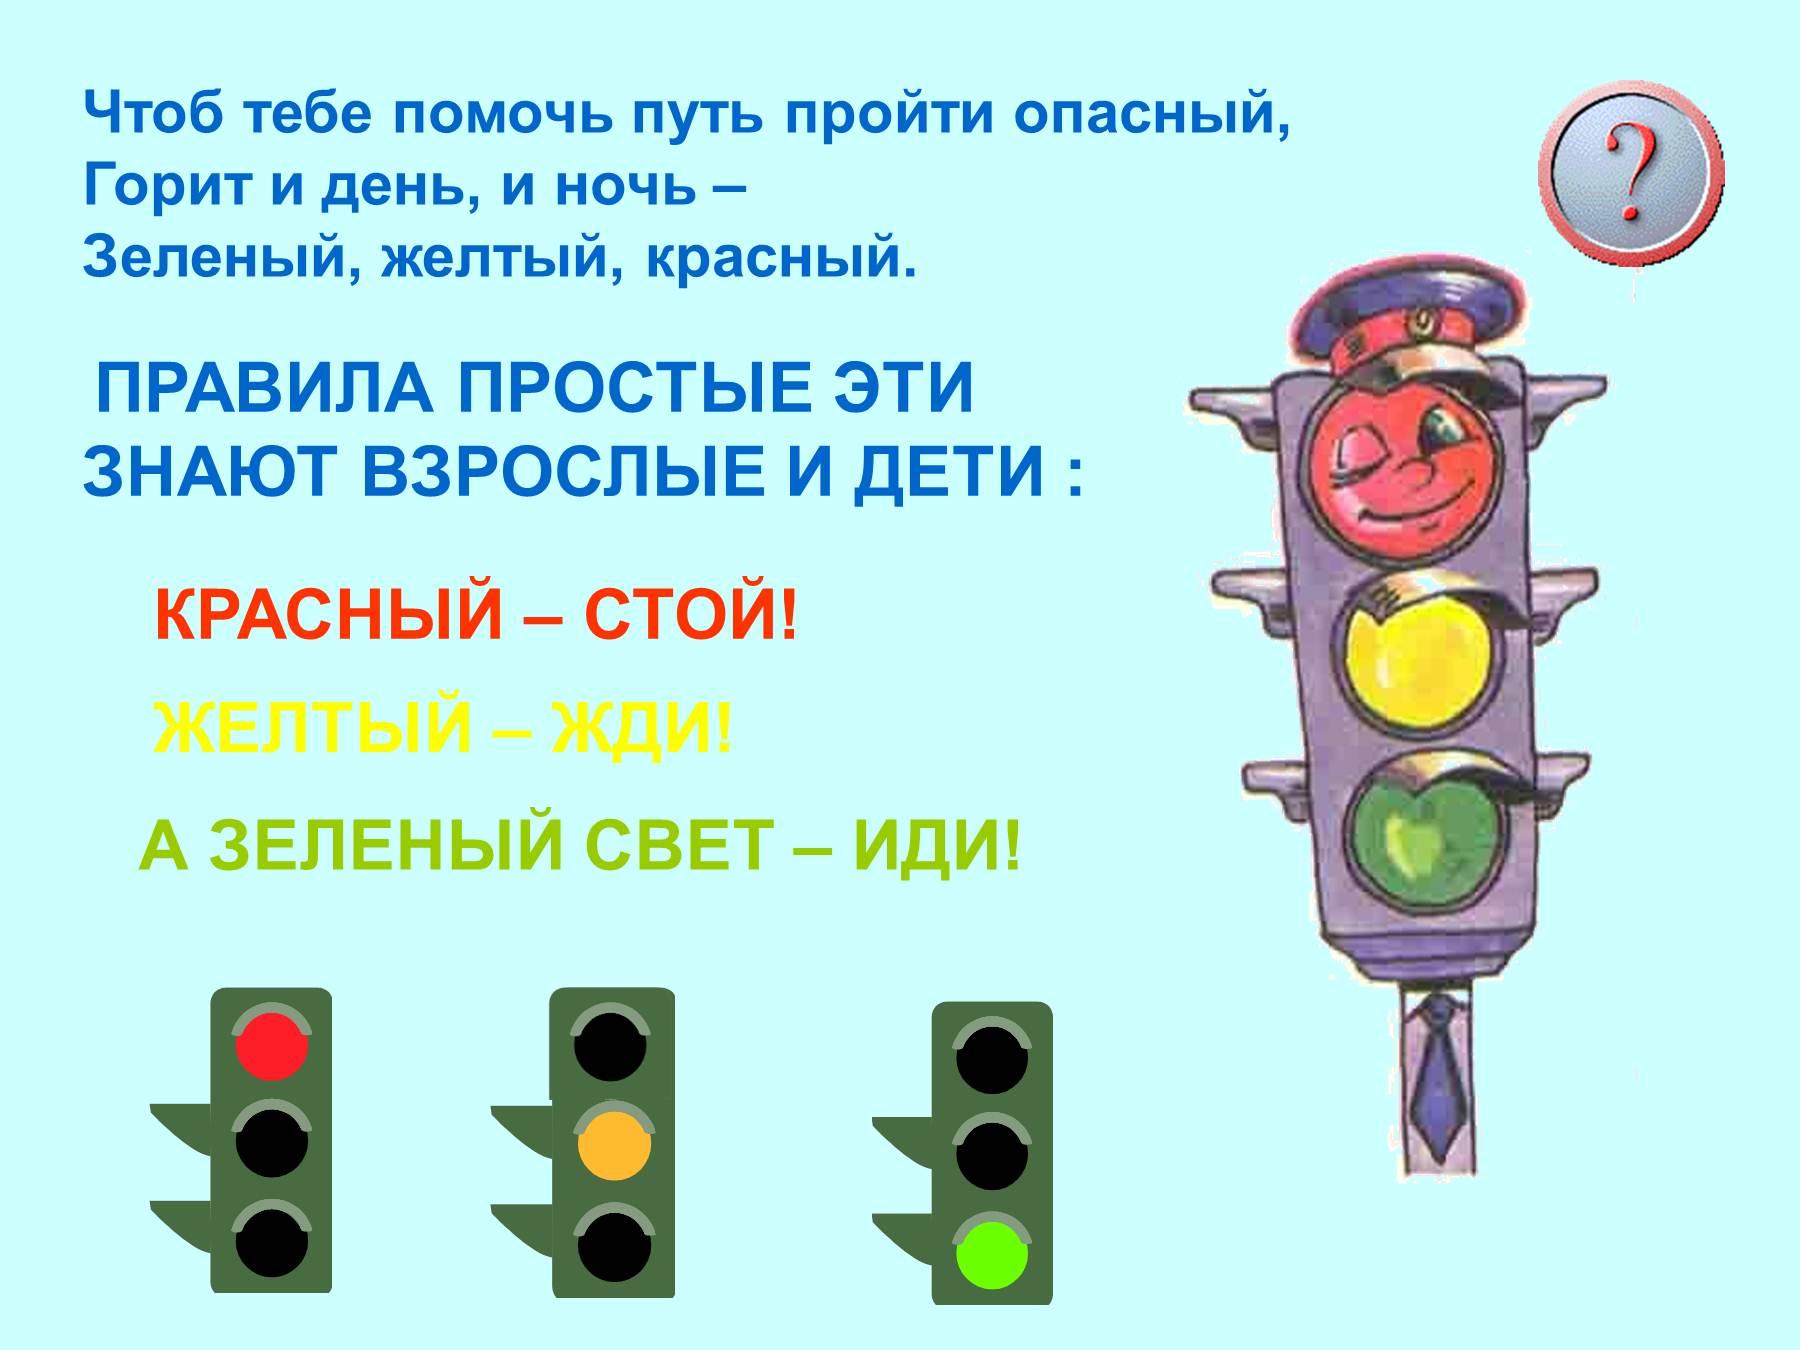 Сценарий красный желтый зеленый в детском саду